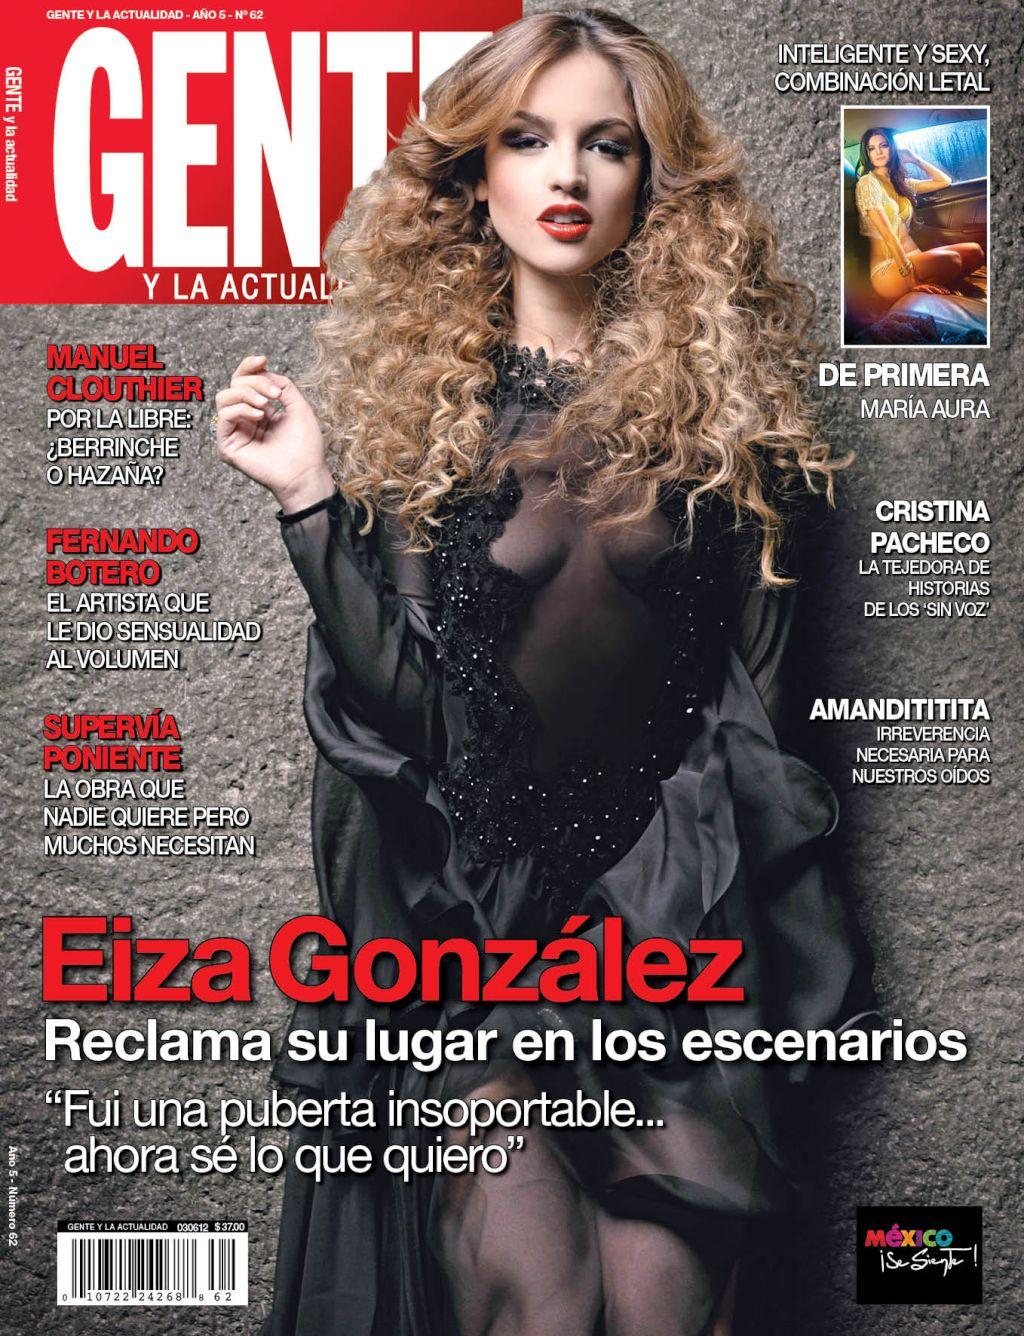 Eiza Gonzalez sale en portada de Gente